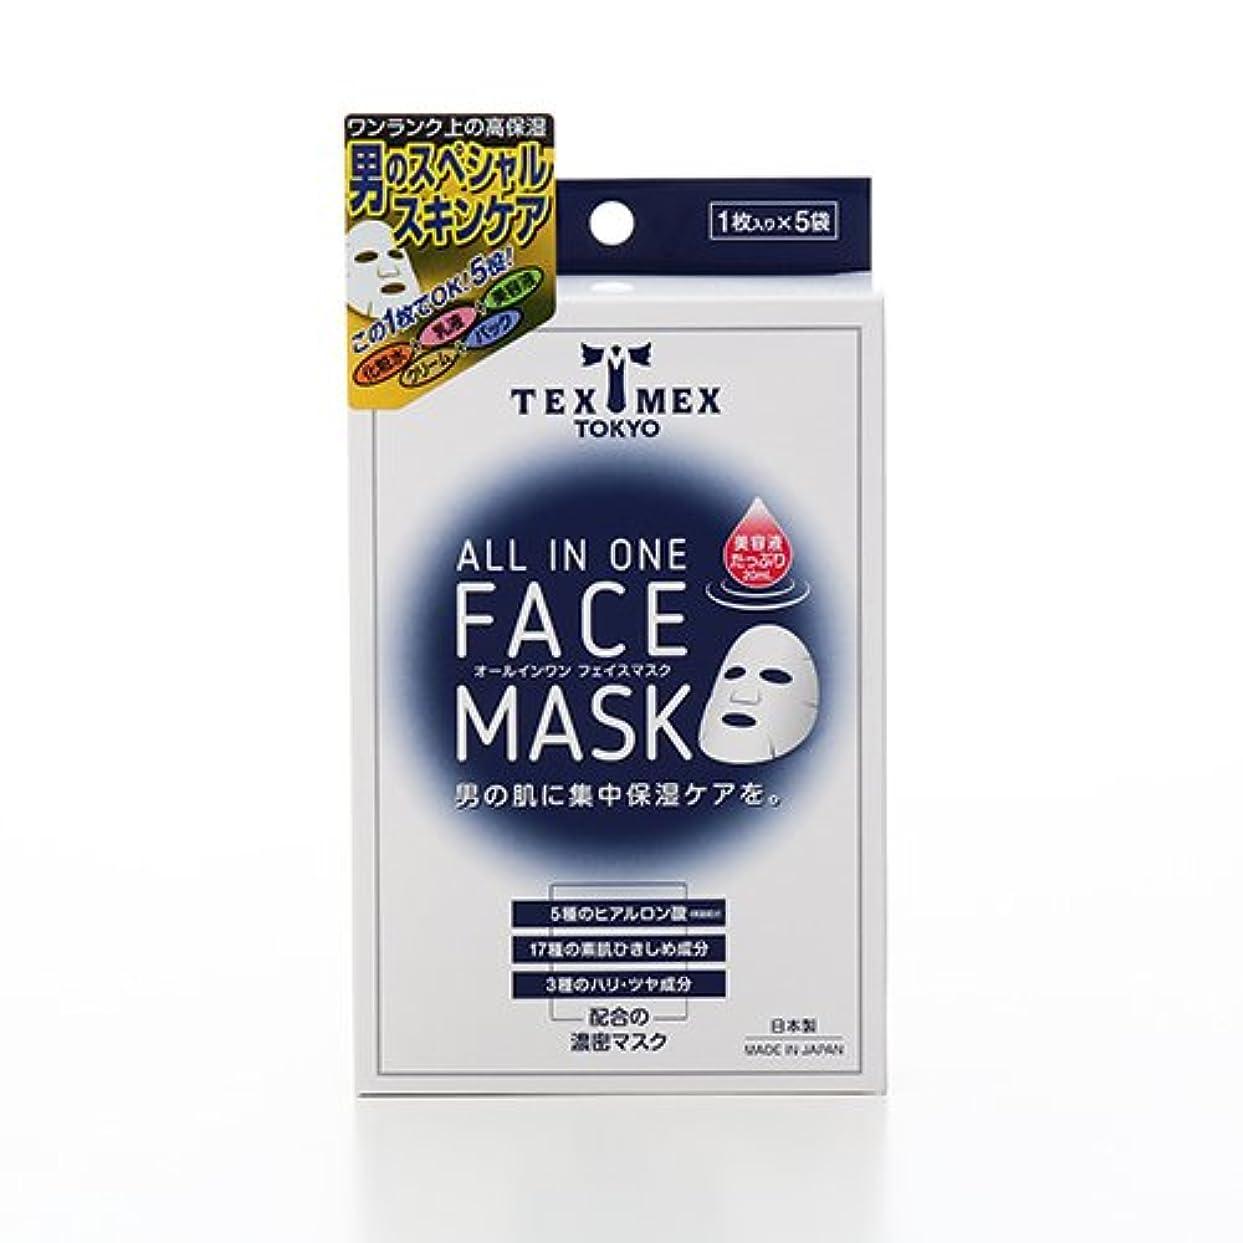 薄暗い歩き回る接辞テックスメックス オールインワンフェイスマスク 5袋入り 【シート状美容マスク】